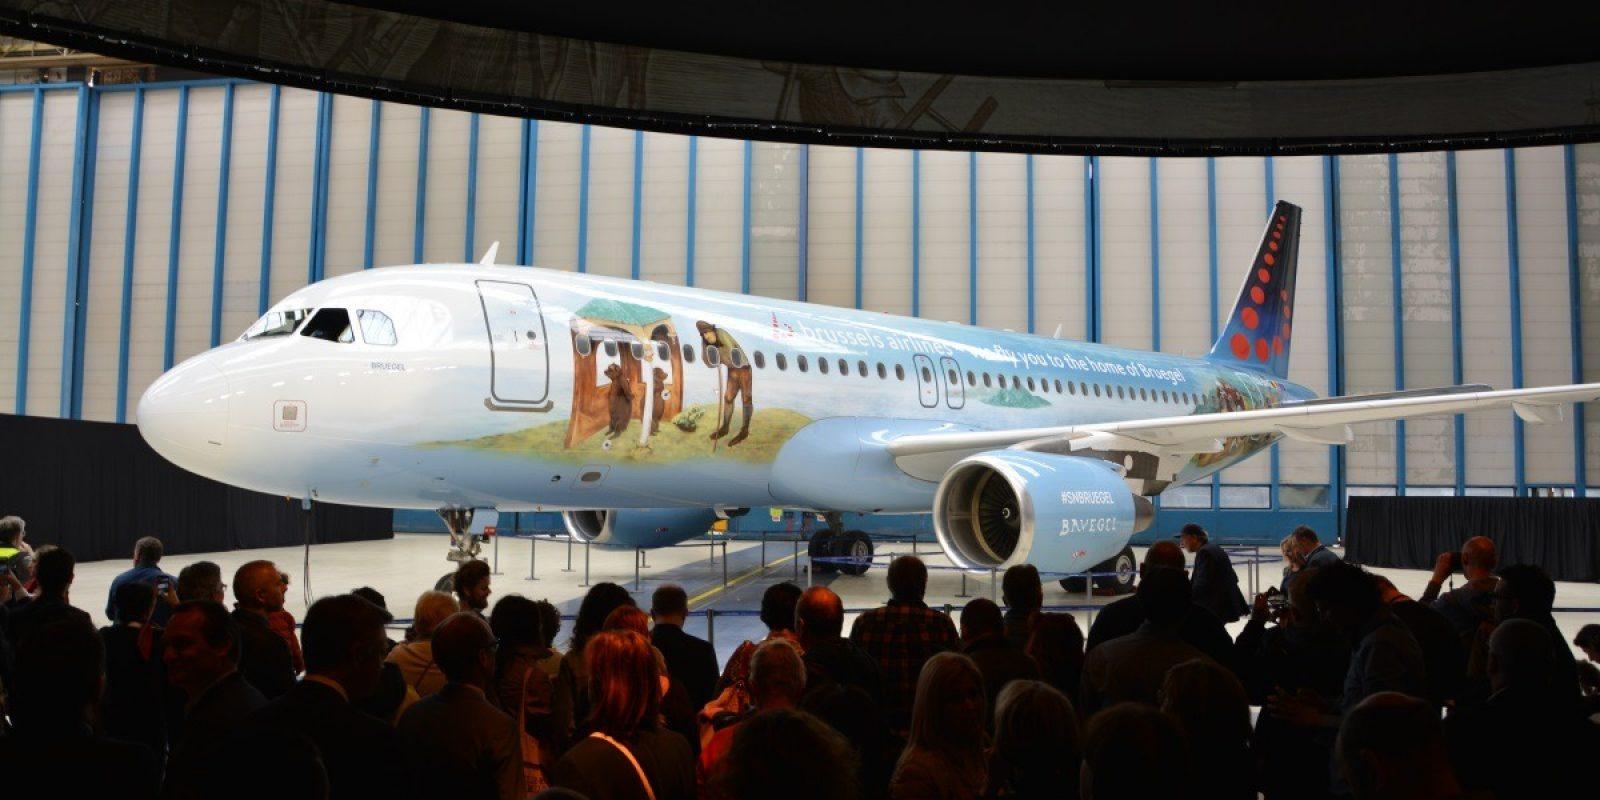 Met trots stelde Brussels Airlines de Bruegel Icon voor, een kunstwerk dat gecreëerd werd in samenwerking met Toerisme Vlaanderen en Bozar.